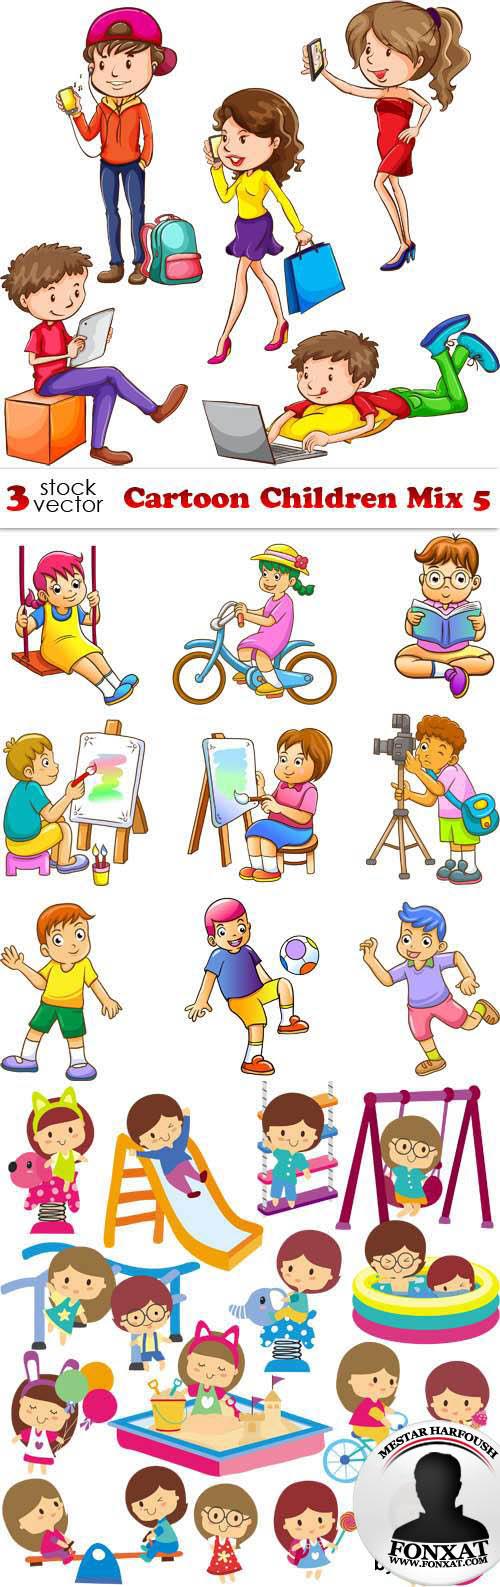 مجموعة صور اطفال كرتون فيكتور المجموعة 5